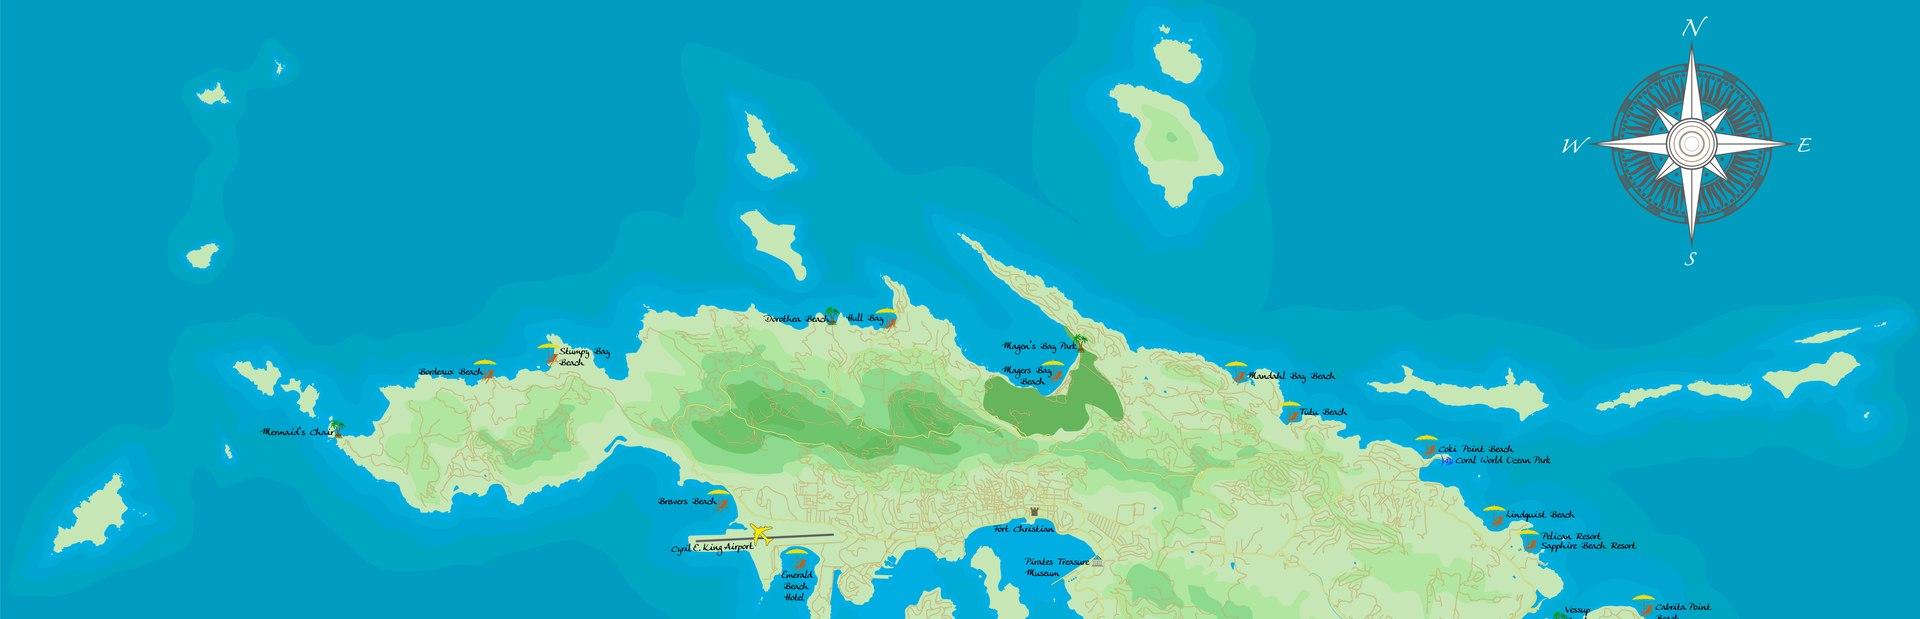 US Virgin Islands interactive map